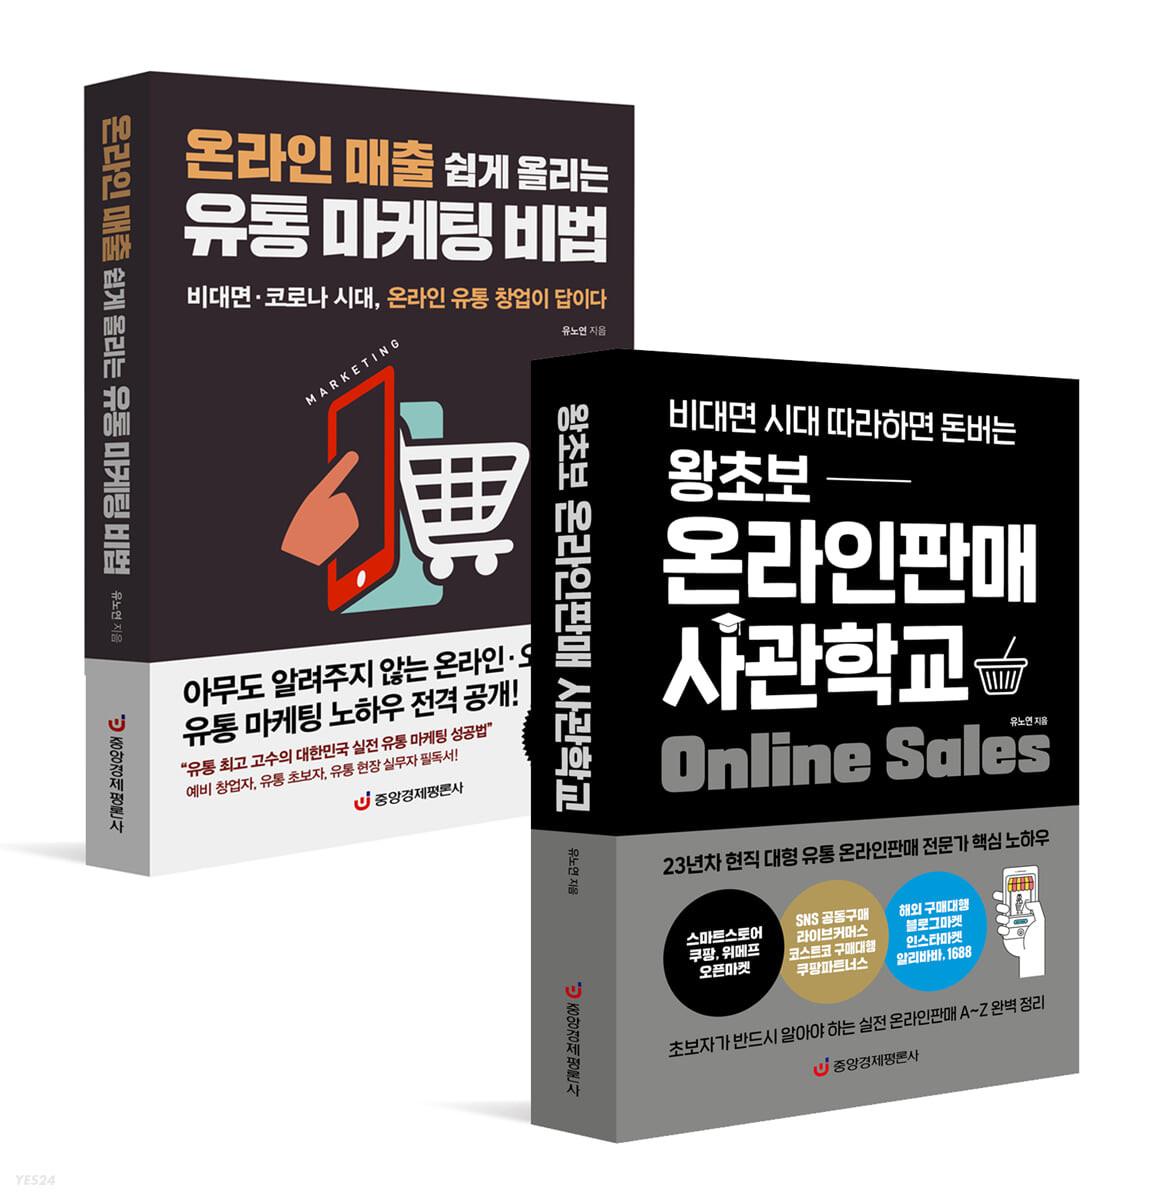 왕초보 온라인판매 사관학교 + 온라인 매출 쉽게 올리는 유통 마케팅 비법